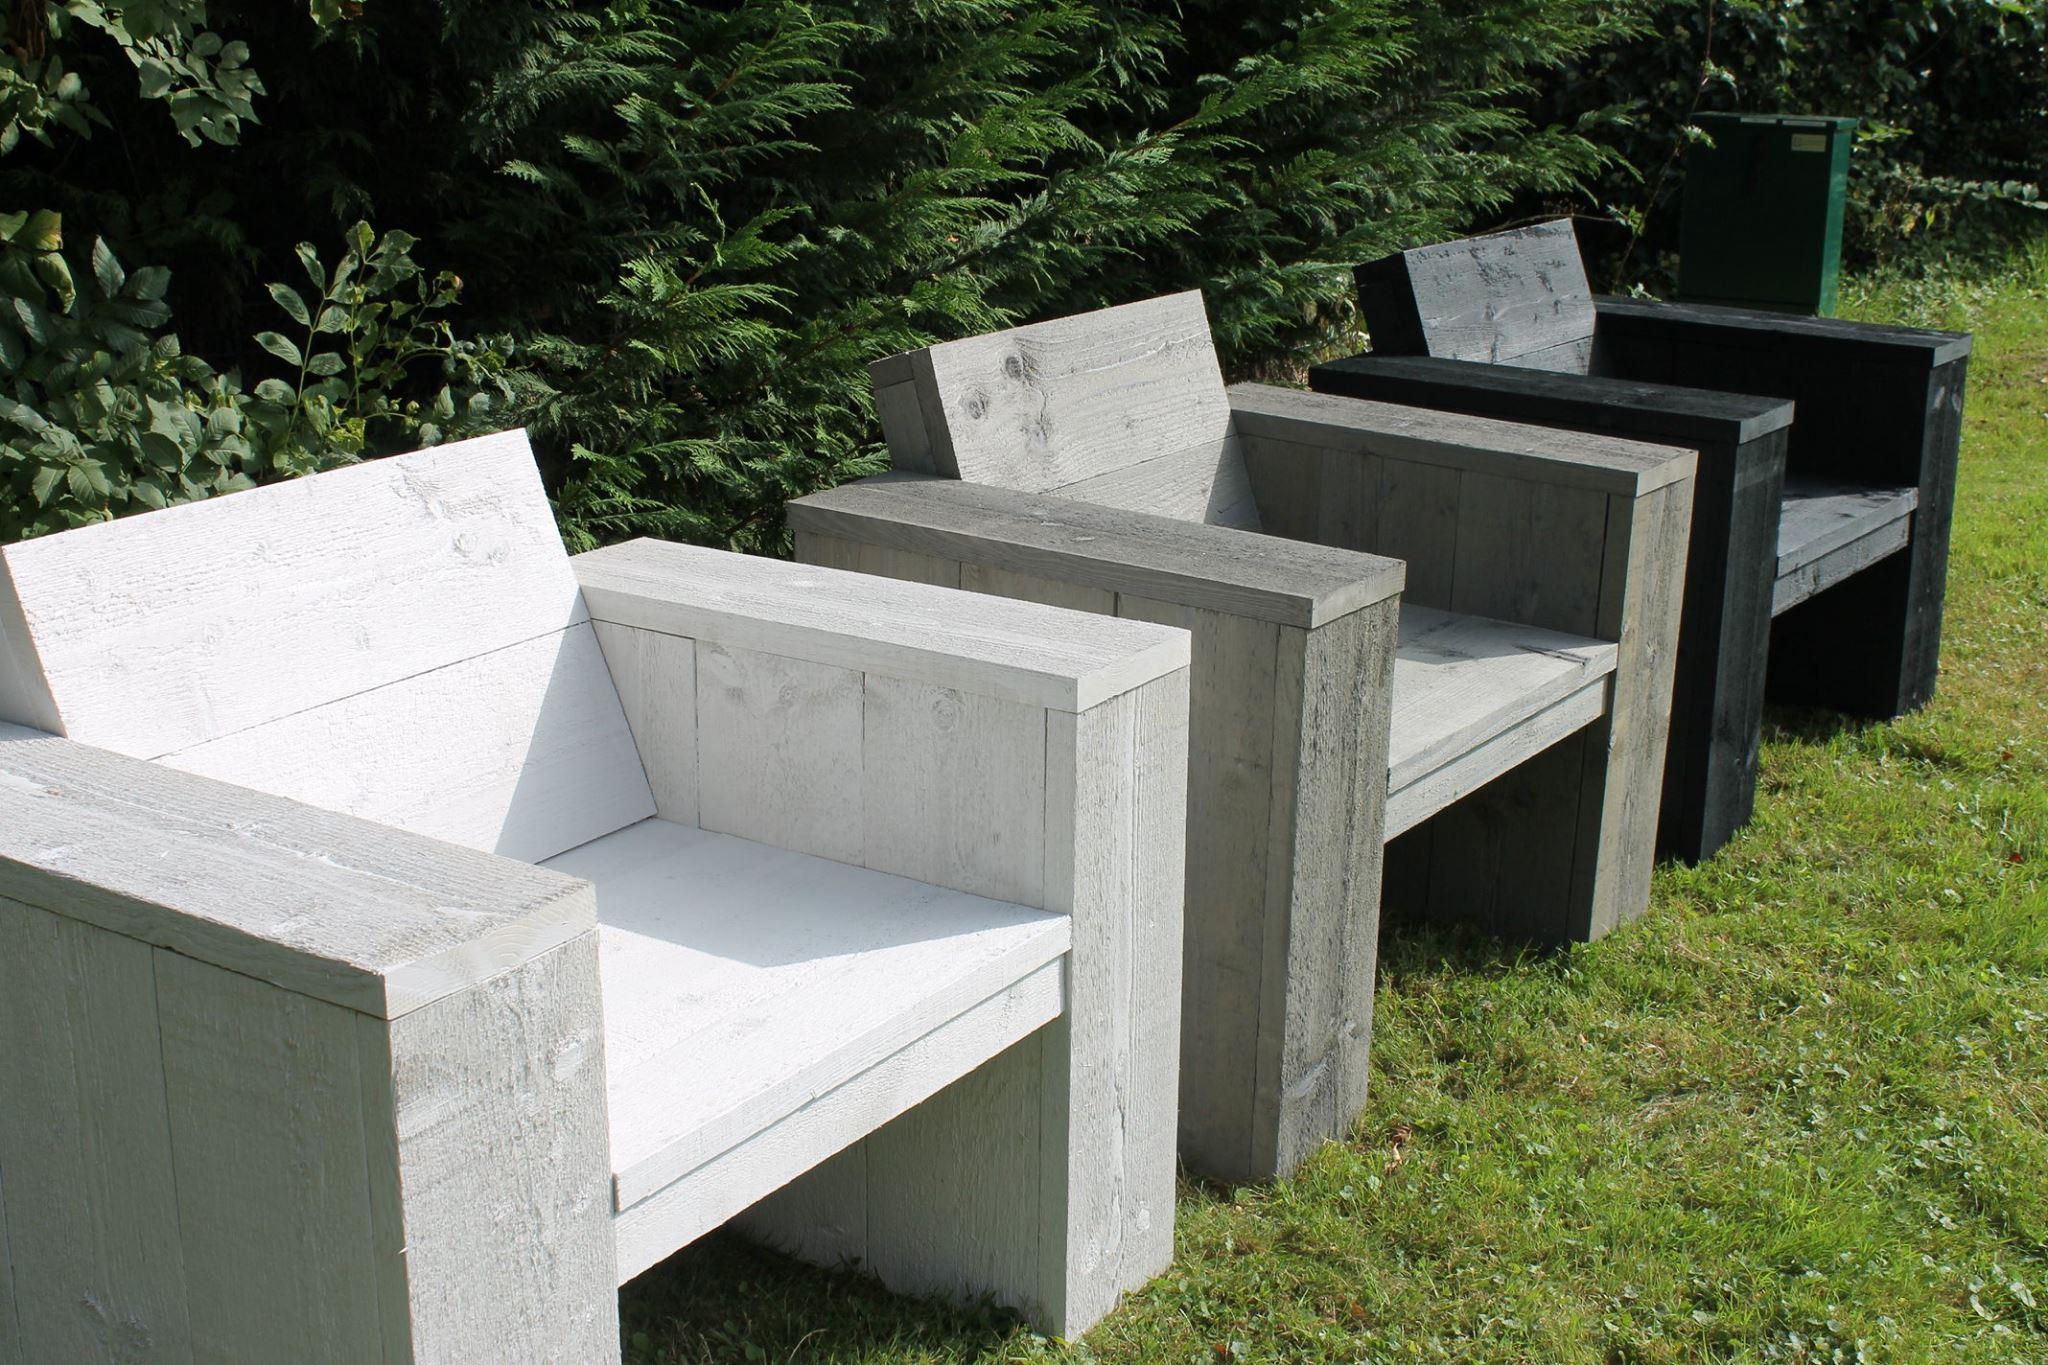 Steigerhouten meubelen van de noort for Loungeset steigerhout zelf maken